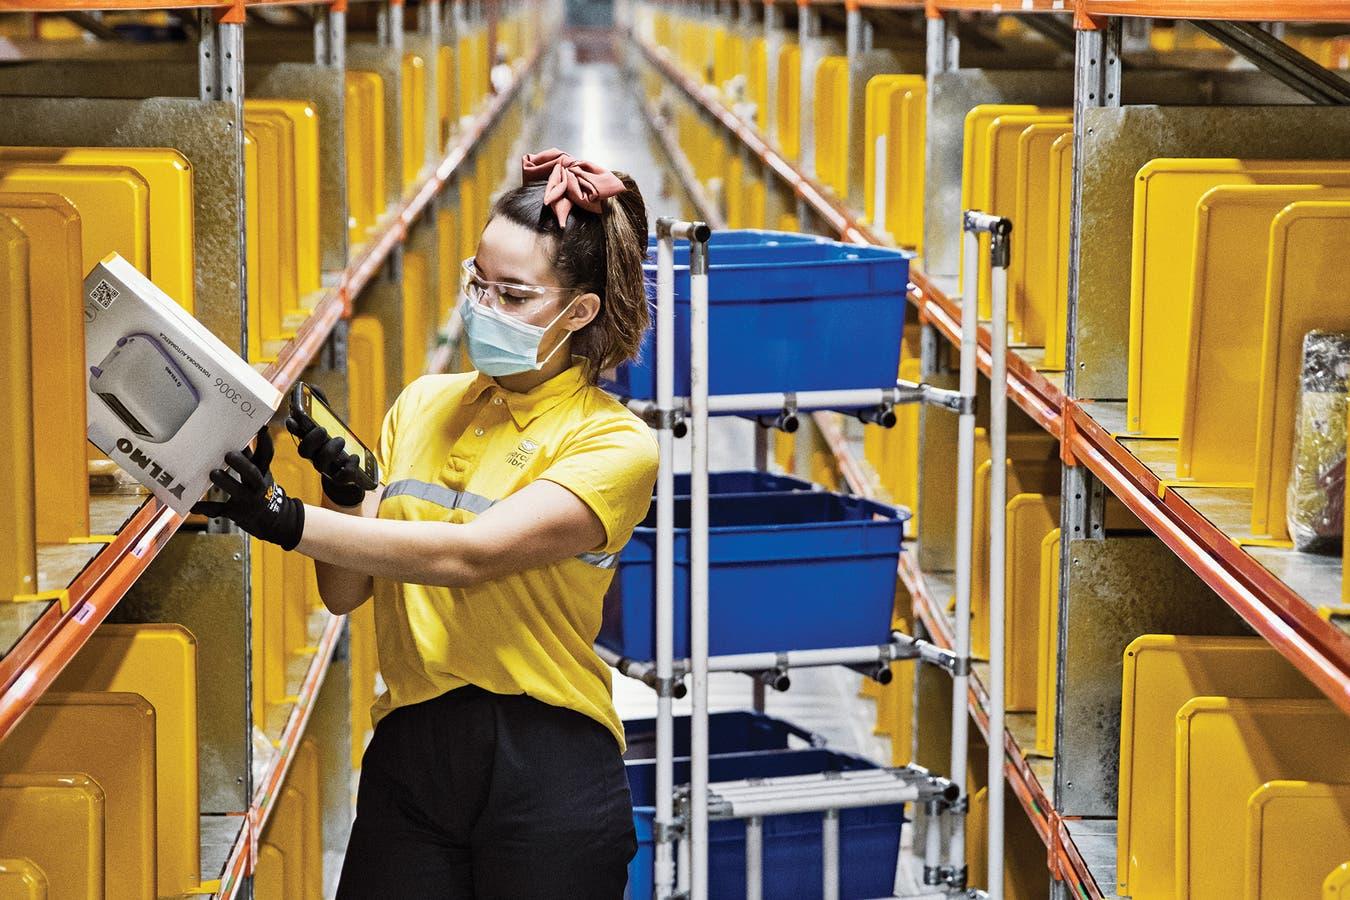 El Centro de Almacenamiento y Distribución recibe mercadería de unas 5000 pymes